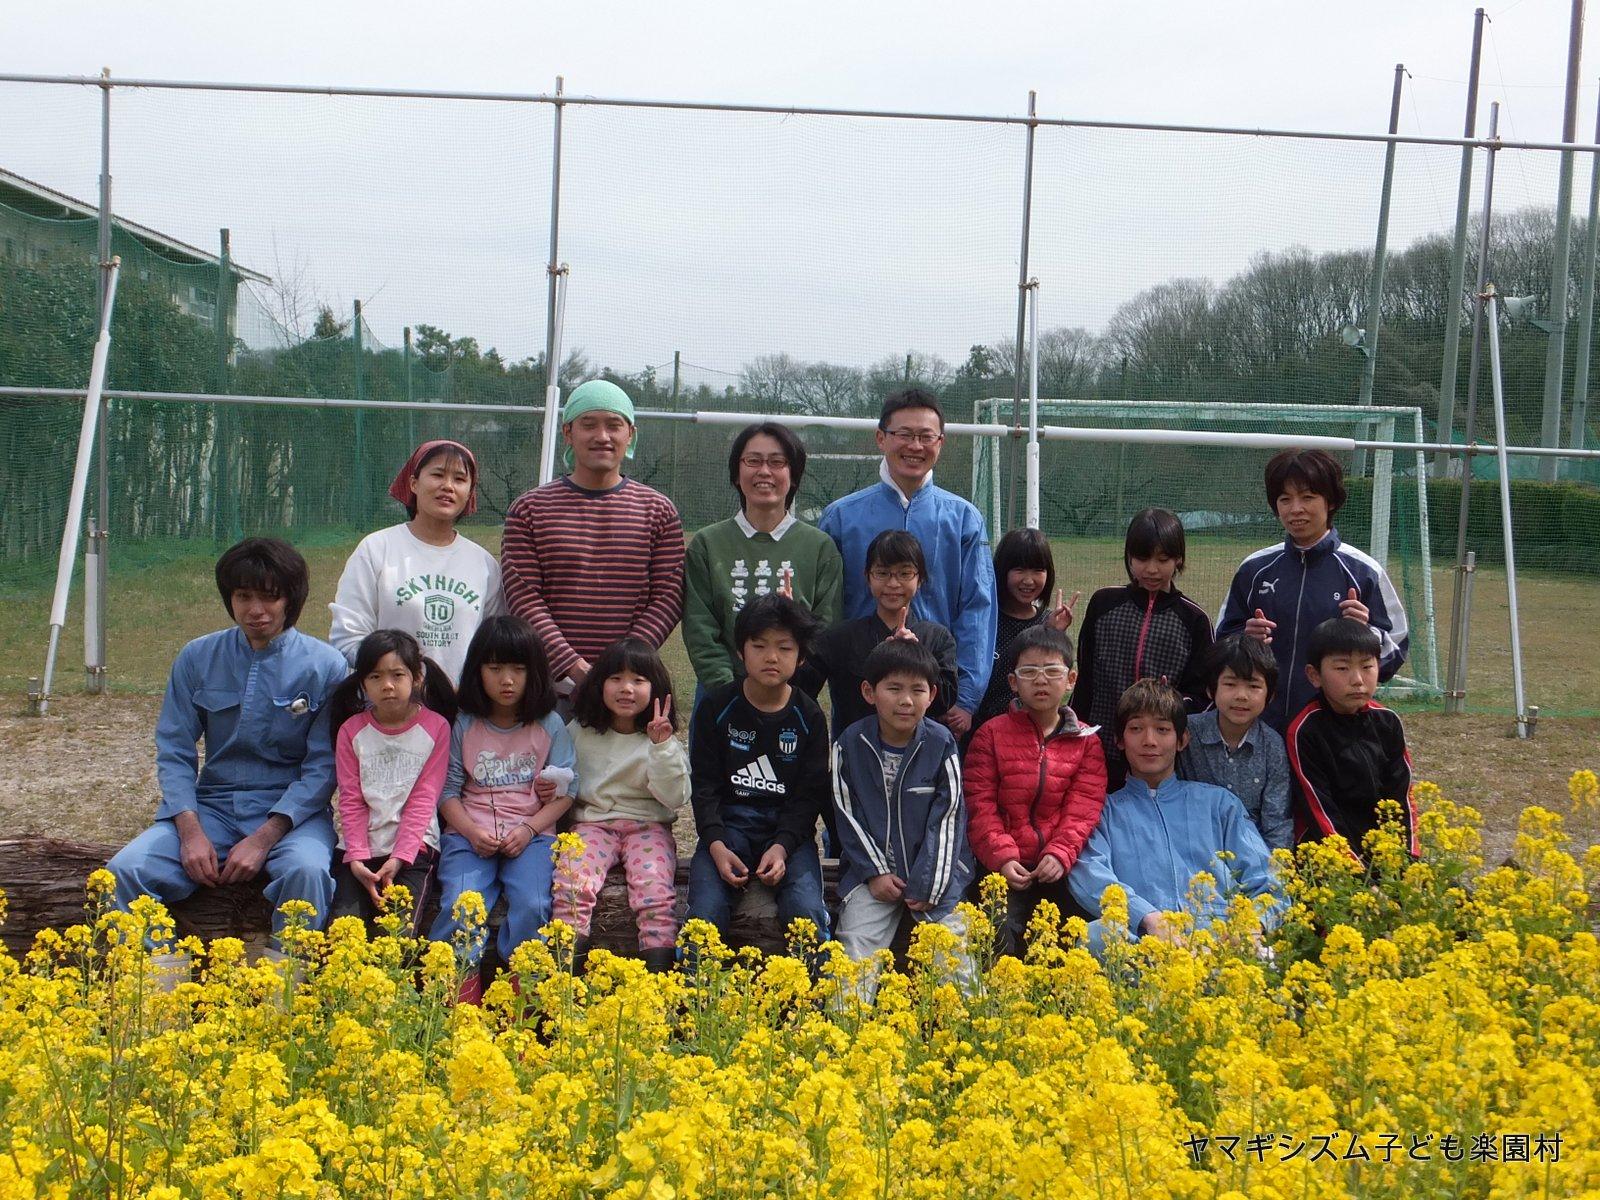 春の楽園村2015 in 岡部フォトれぽーと